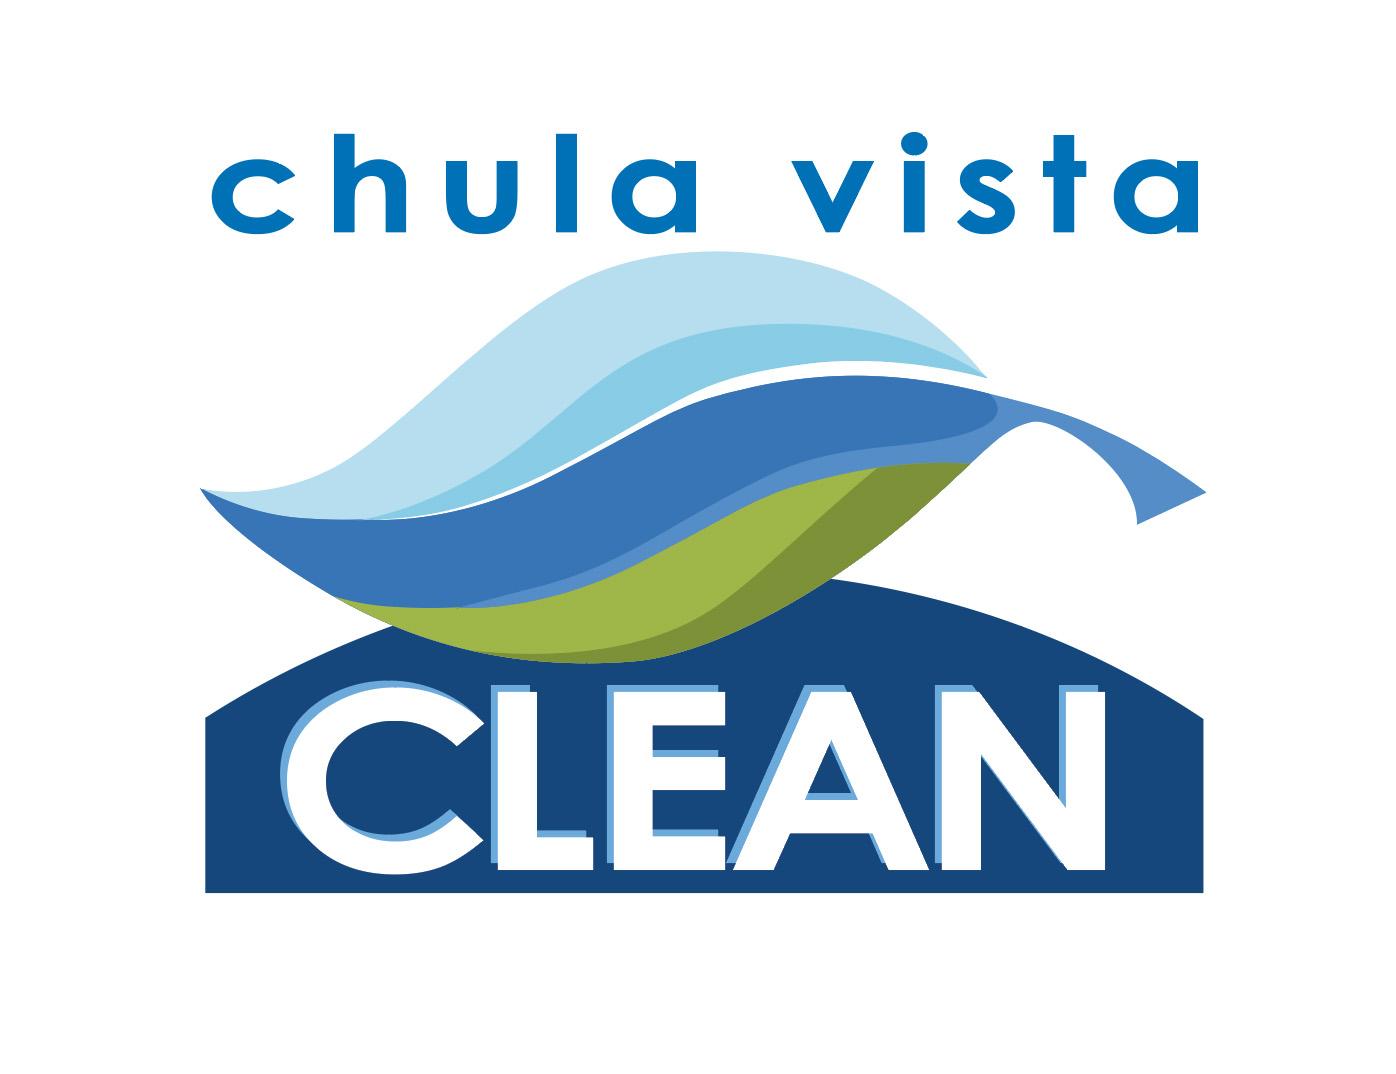 Chula Vista CLEAN